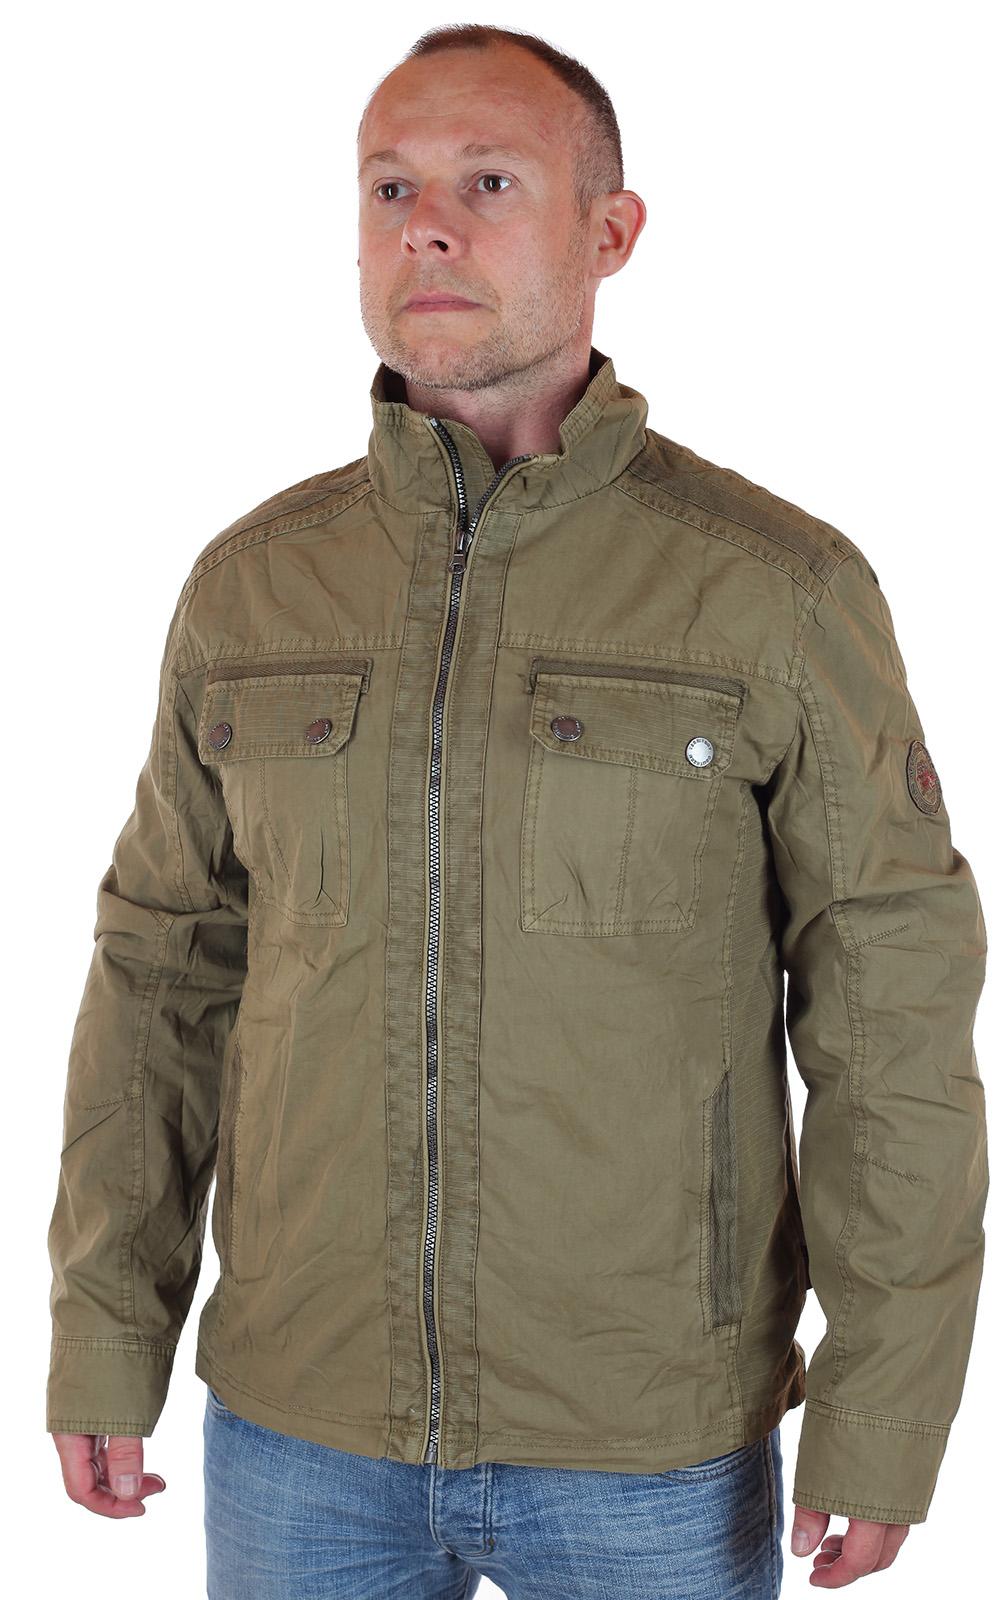 Демисезонная мужская куртка парка, купить по цене 999 рублей